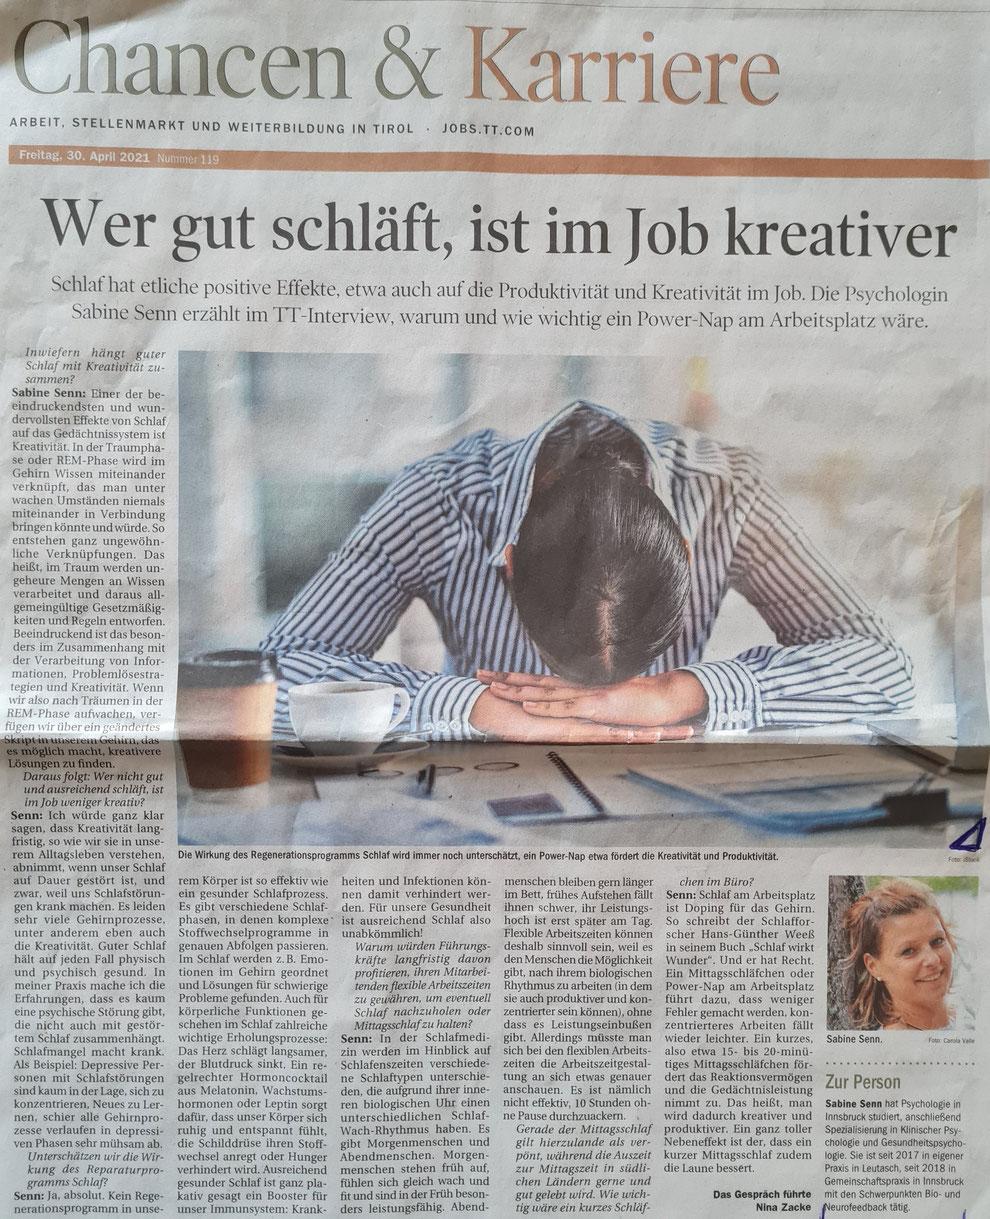 Bildquelle: Tiroler Tageszeitung, Ausgabe vom 30.04.2021